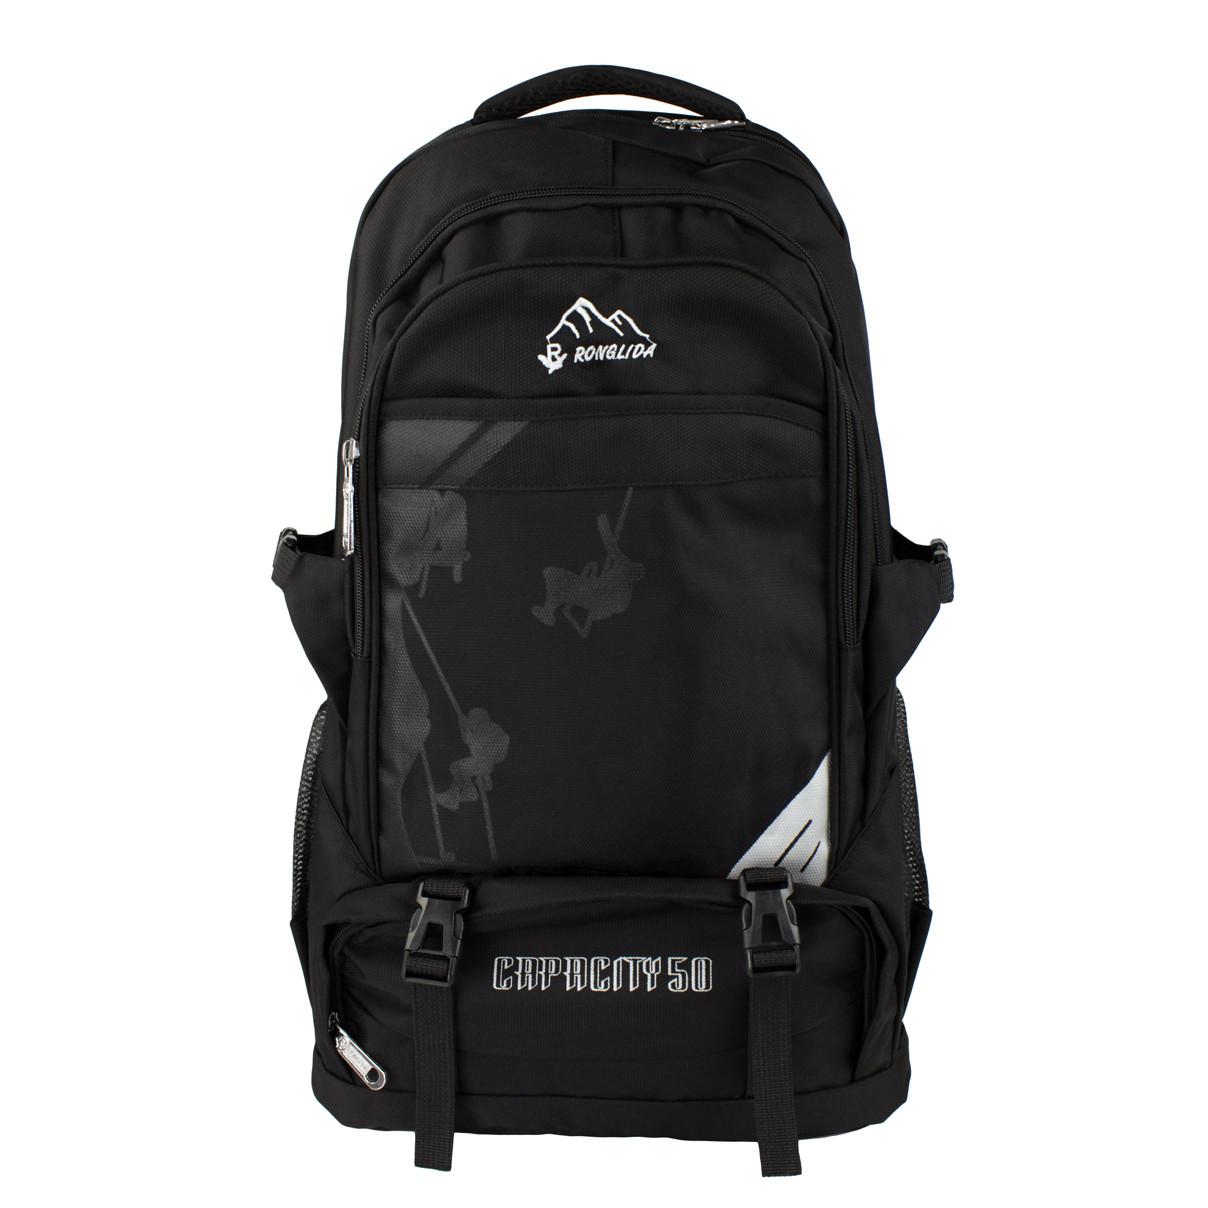 Рюкзак туристичний похідний чорний Ronglida текстиль 50 л